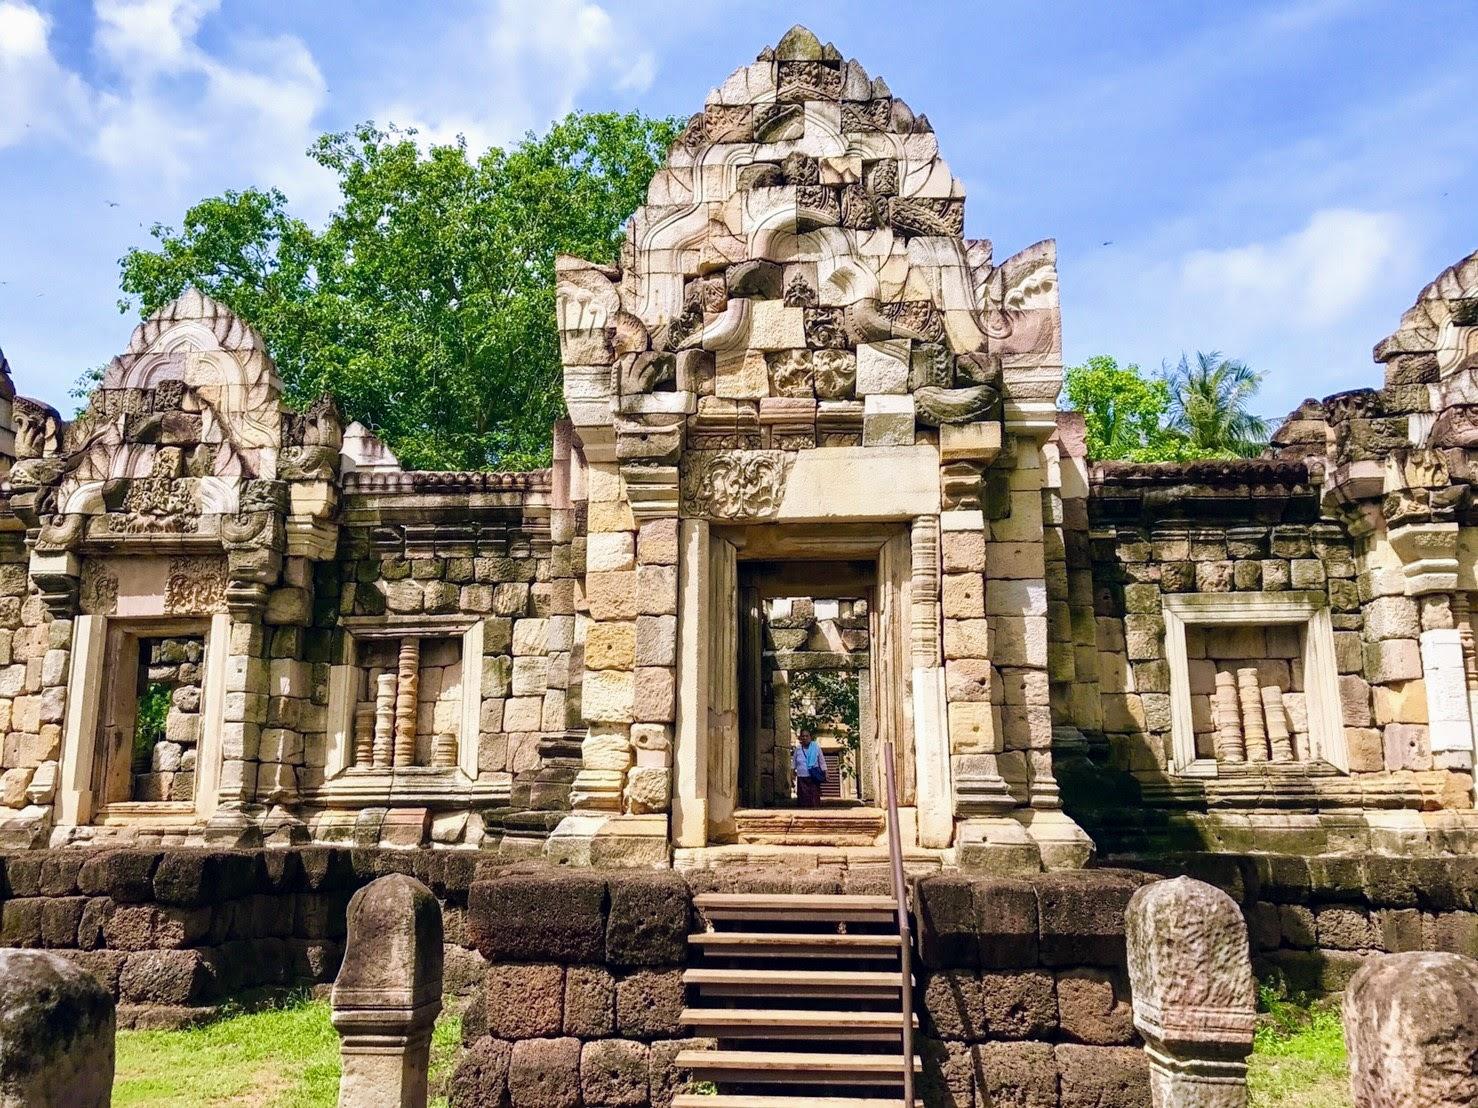 Древний кхмерский храм в программе тура «Следопыт»